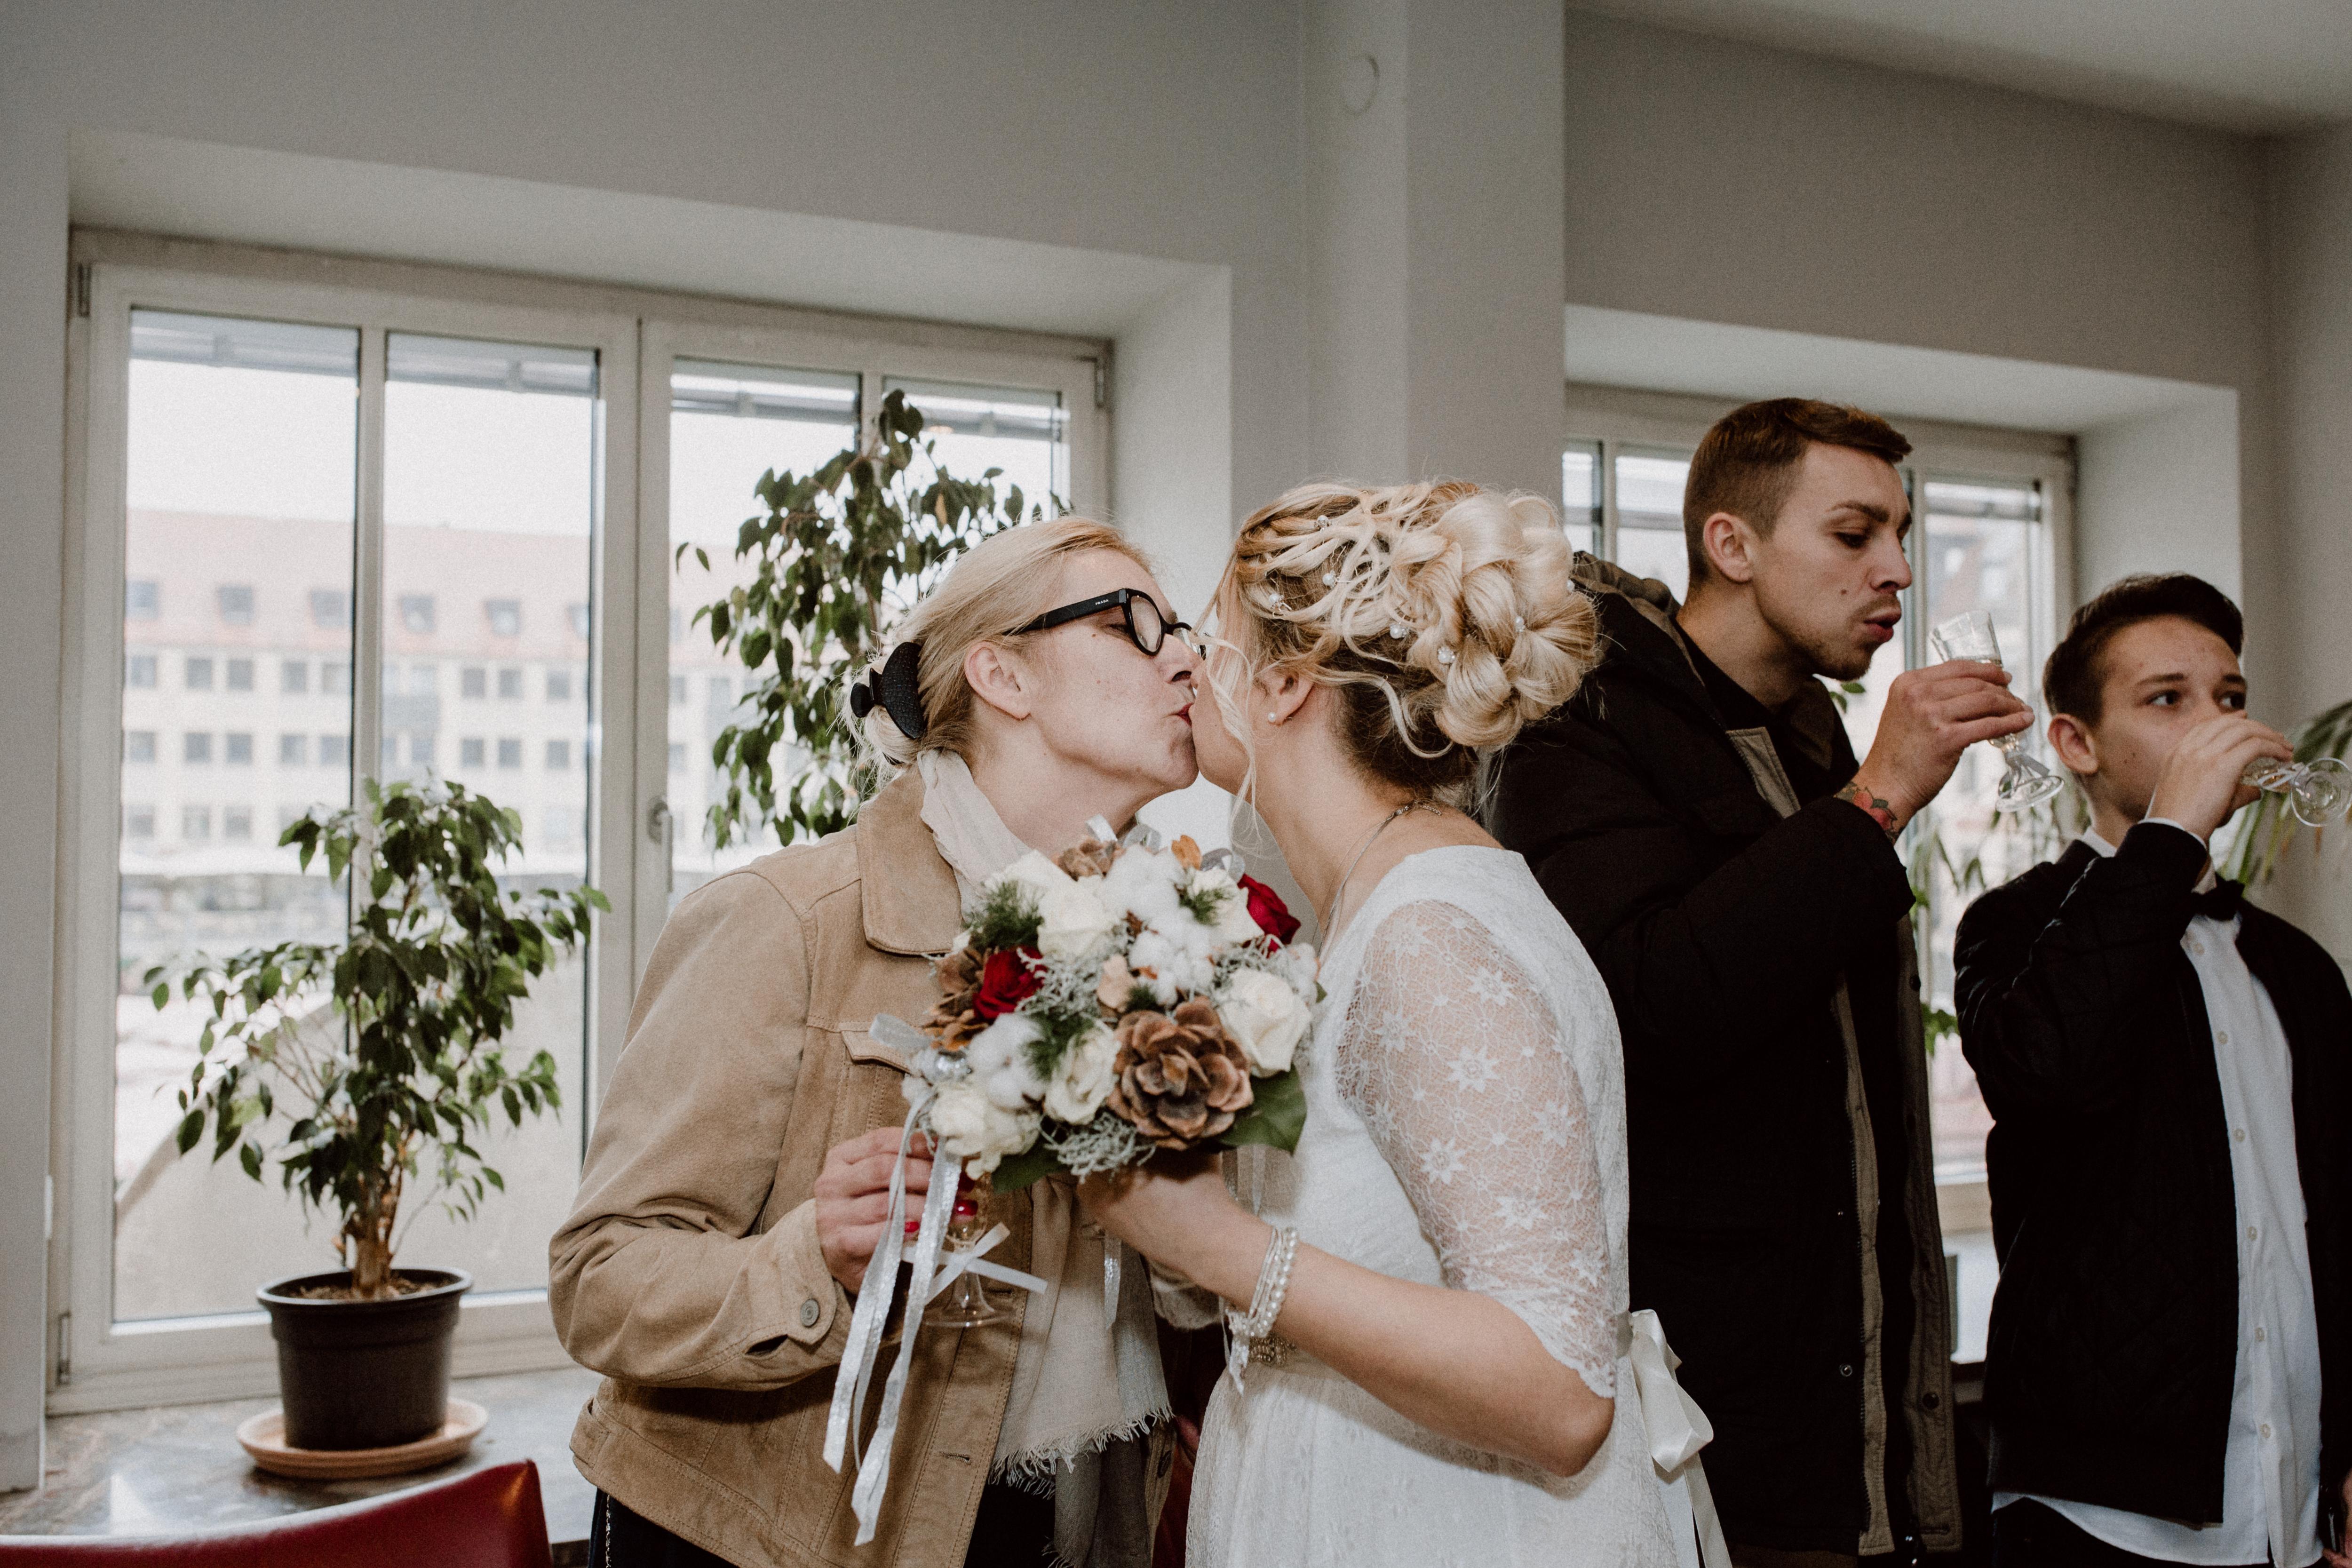 URBANERIE_Daniela_Goth_Hochzeitsfotografin_Nürnberg_Fürth_Erlangen_Schwabach_171110_0276